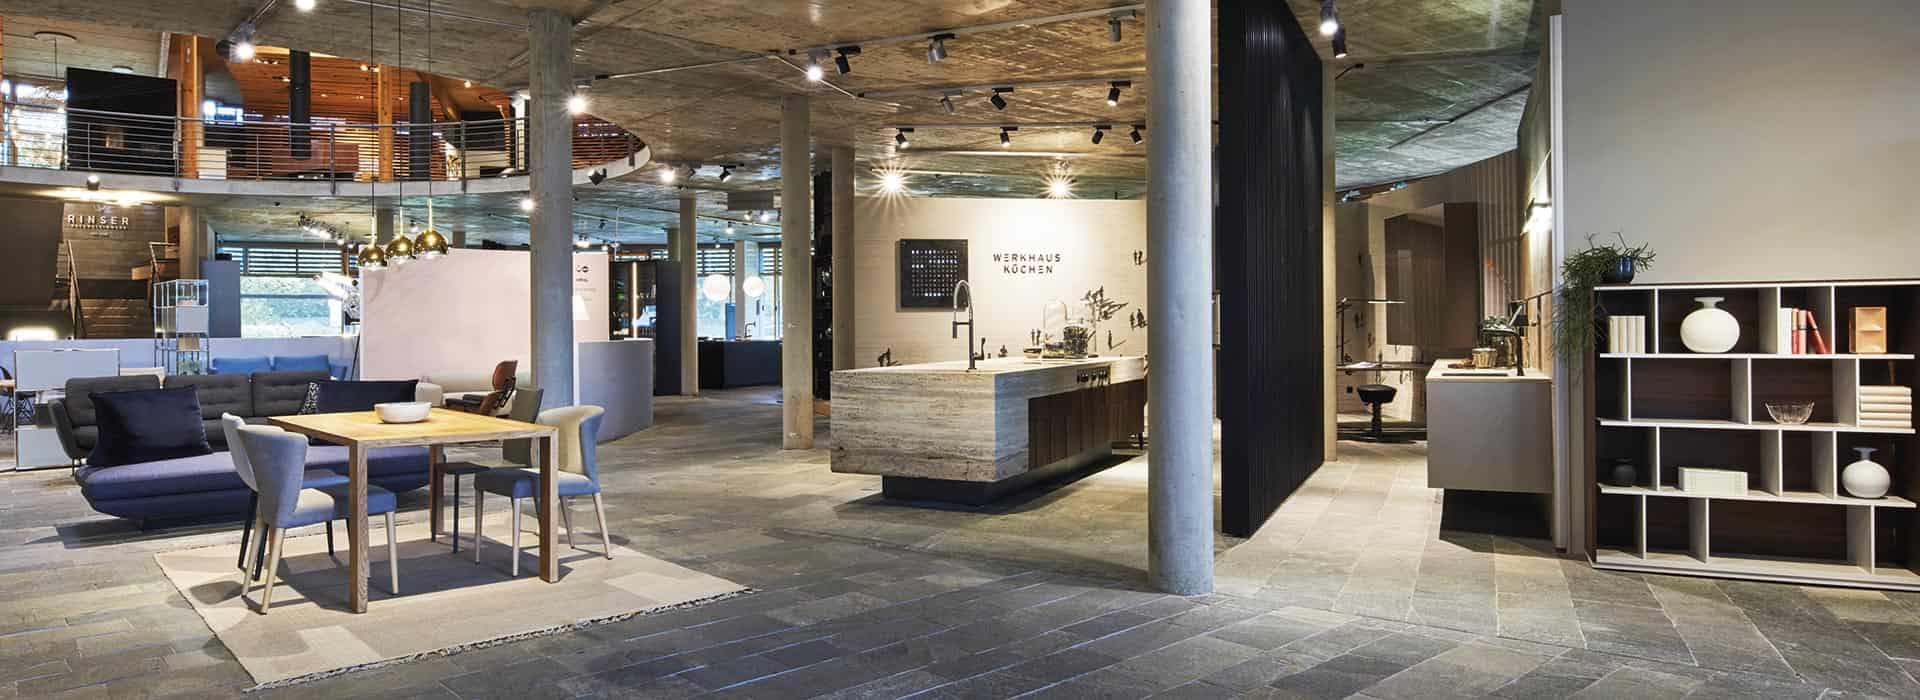 Werkhaus Ausstellung